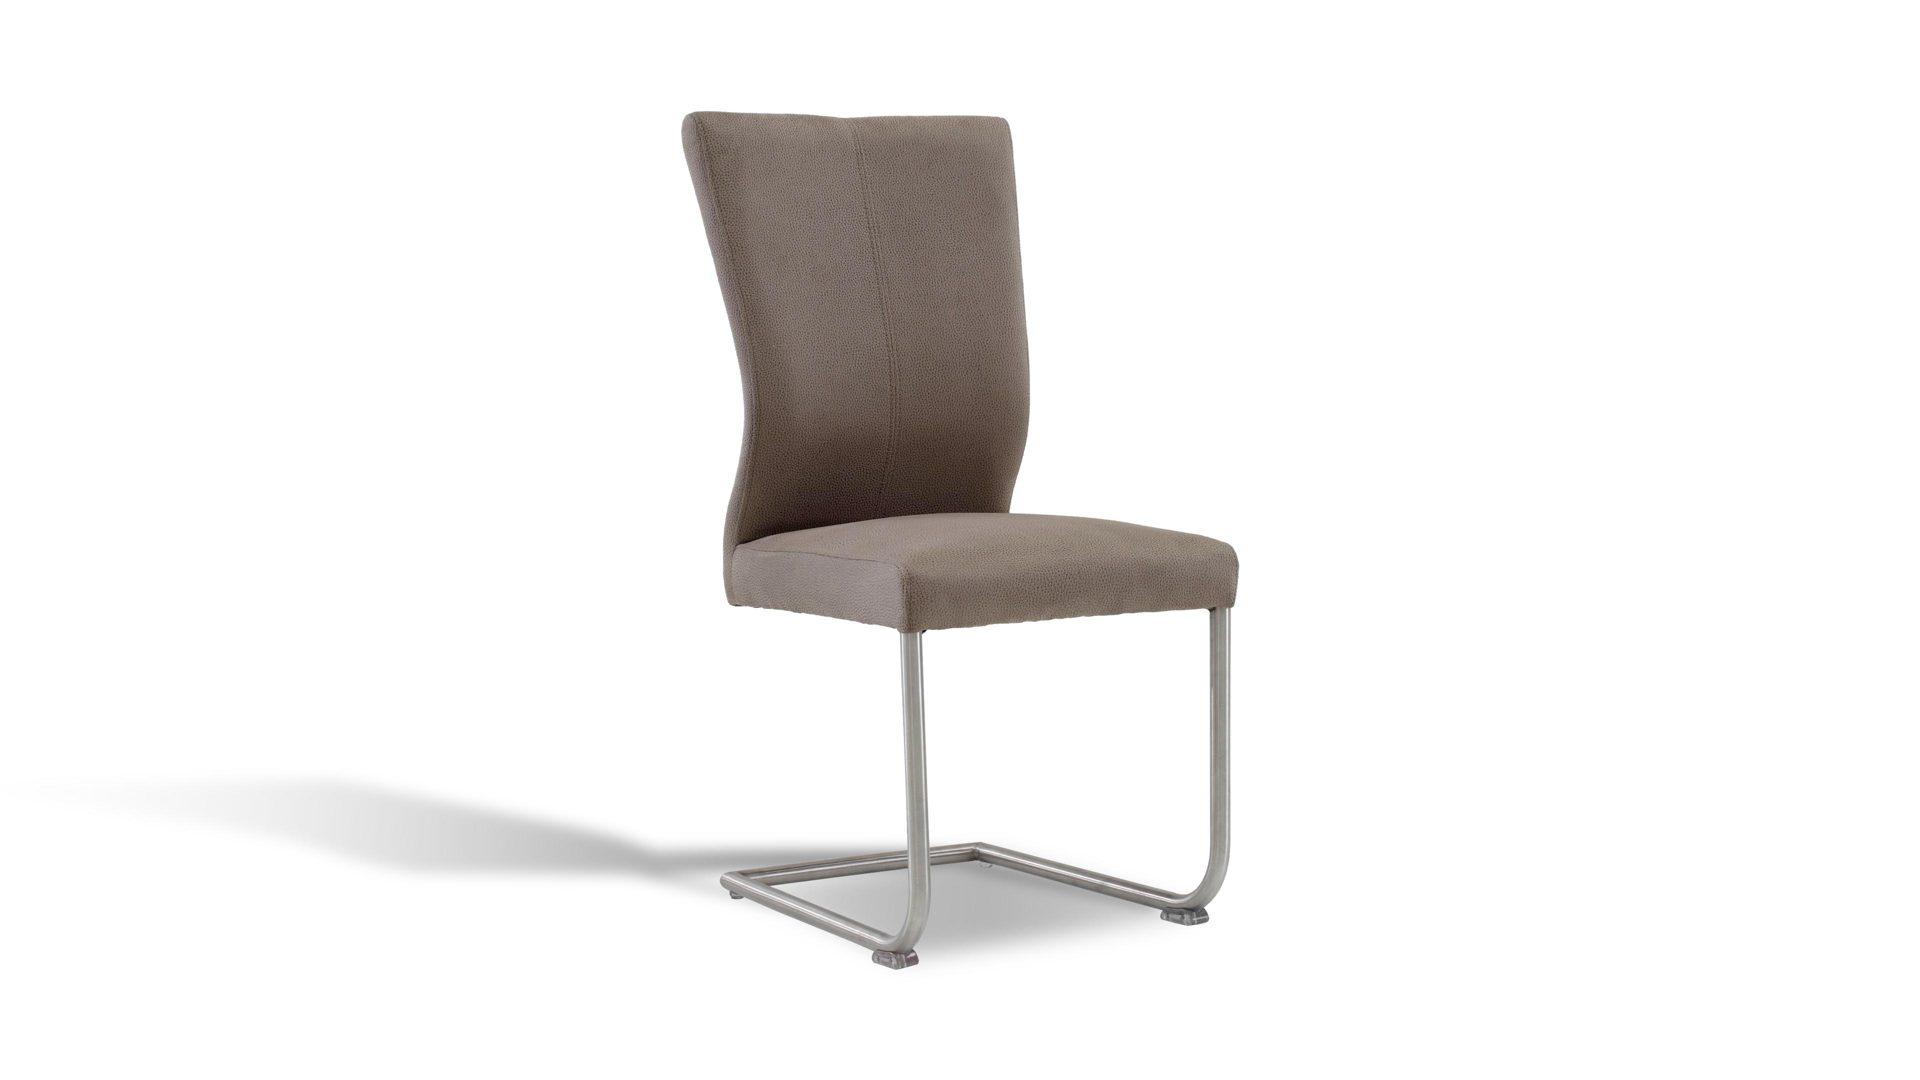 Einrichtungspartnerring Räume Küche Stühle Bänke Schwingstuhl